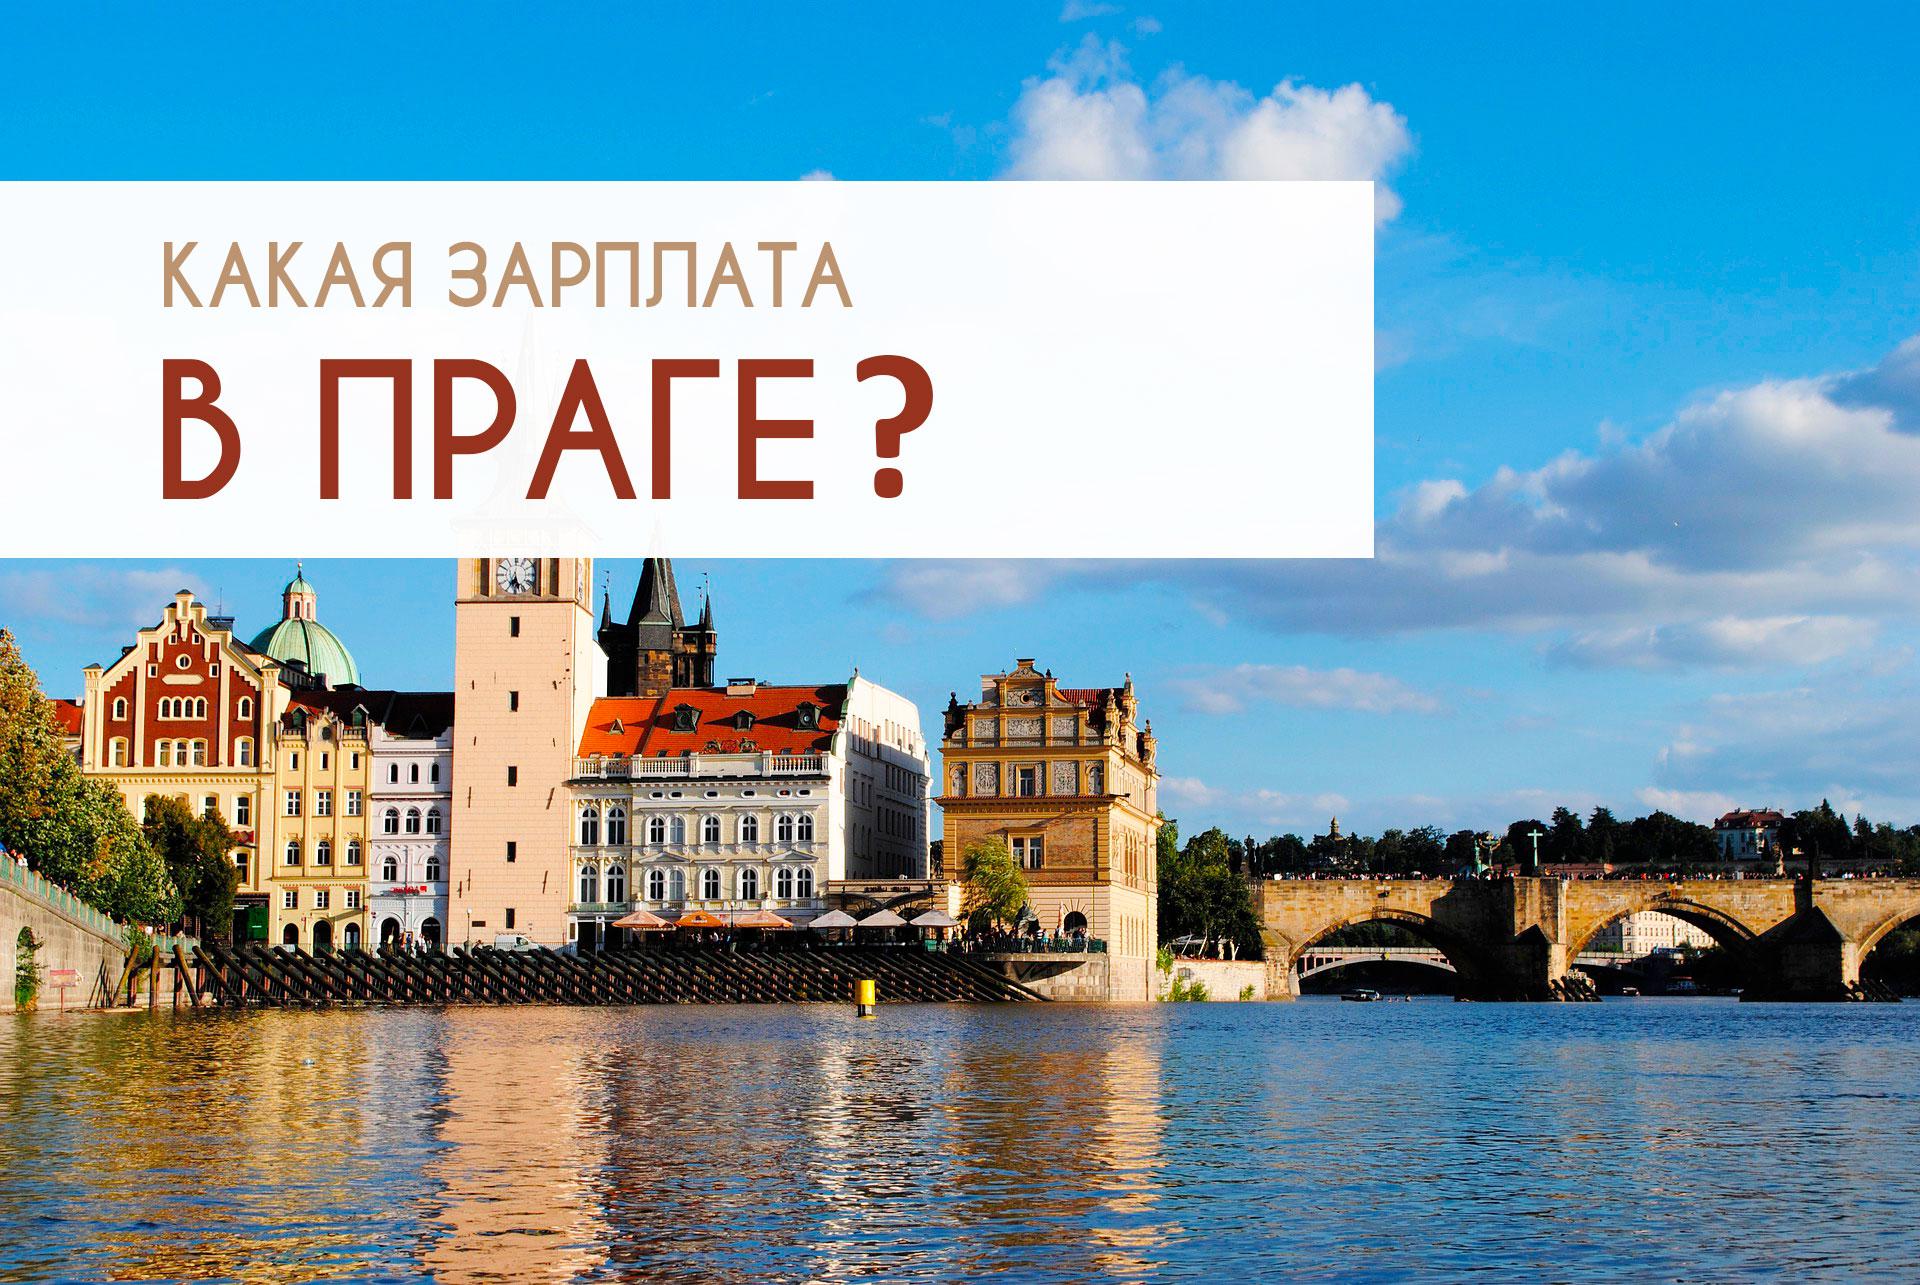 Средняя зарплата в Праге, Чехия и уровень жизни